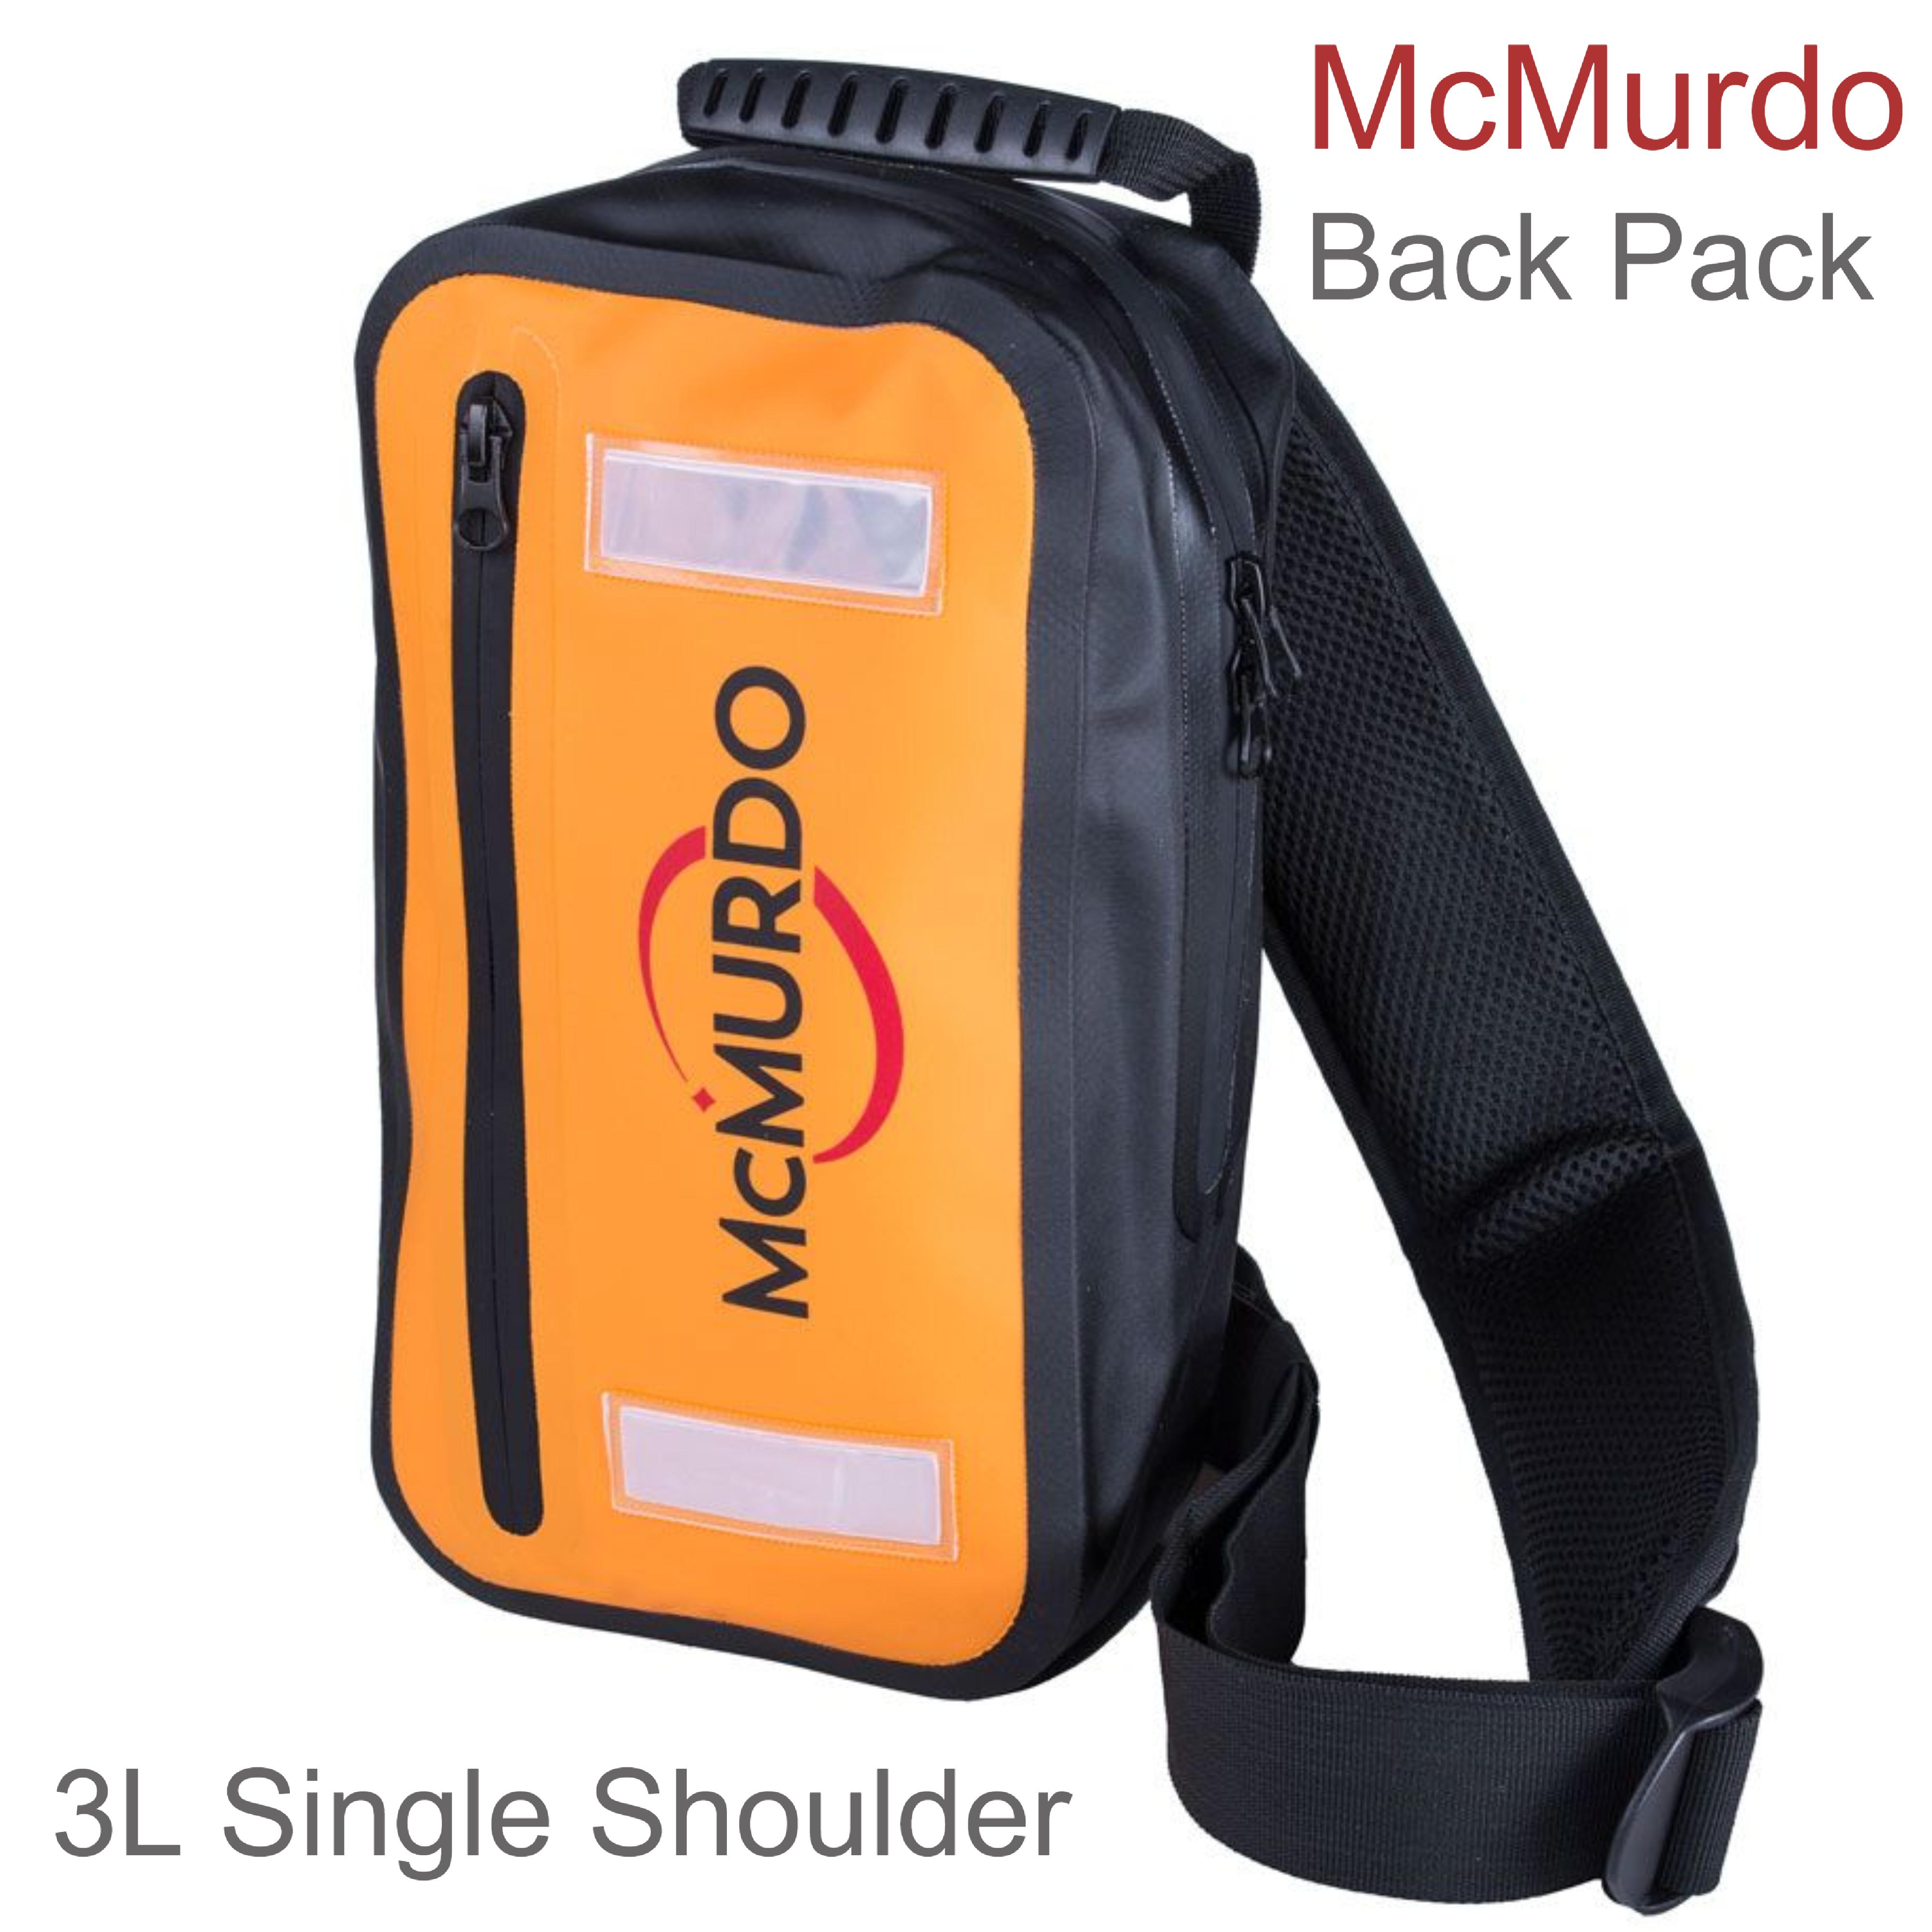 McMurdo 3L Single Shoulder Splashproof Back Pack | For Placed VHF Radio/EPIRB/SART